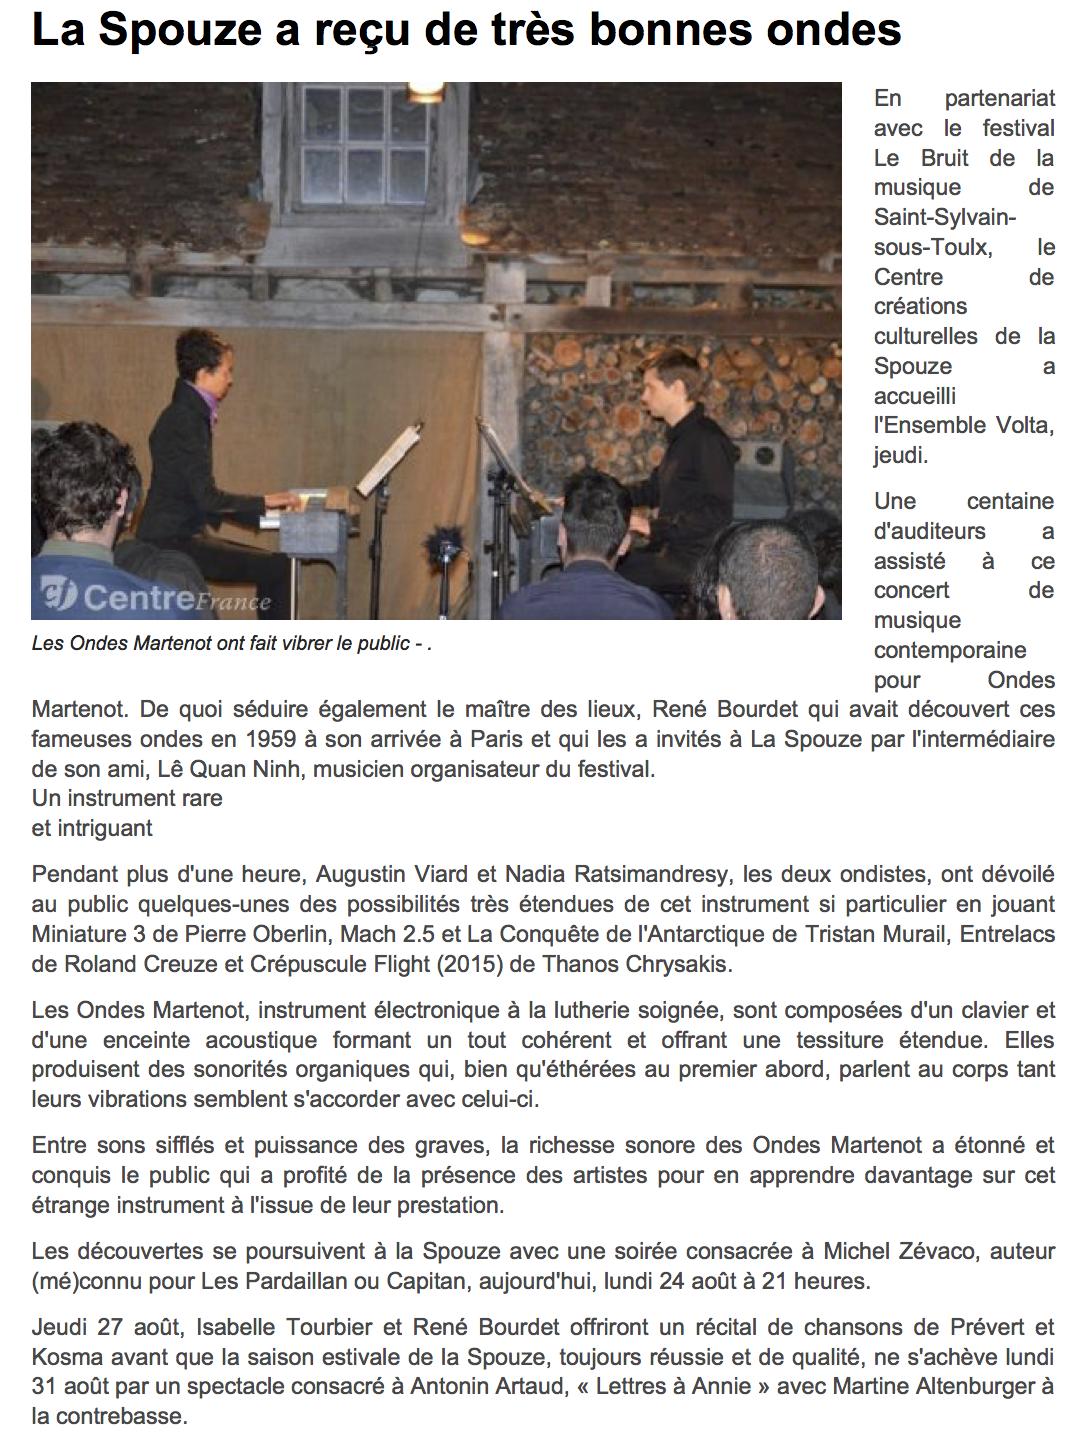 www.lepopulaire.fr - Infos locales - CE... La Spouze a reçu de très bonnes ondes